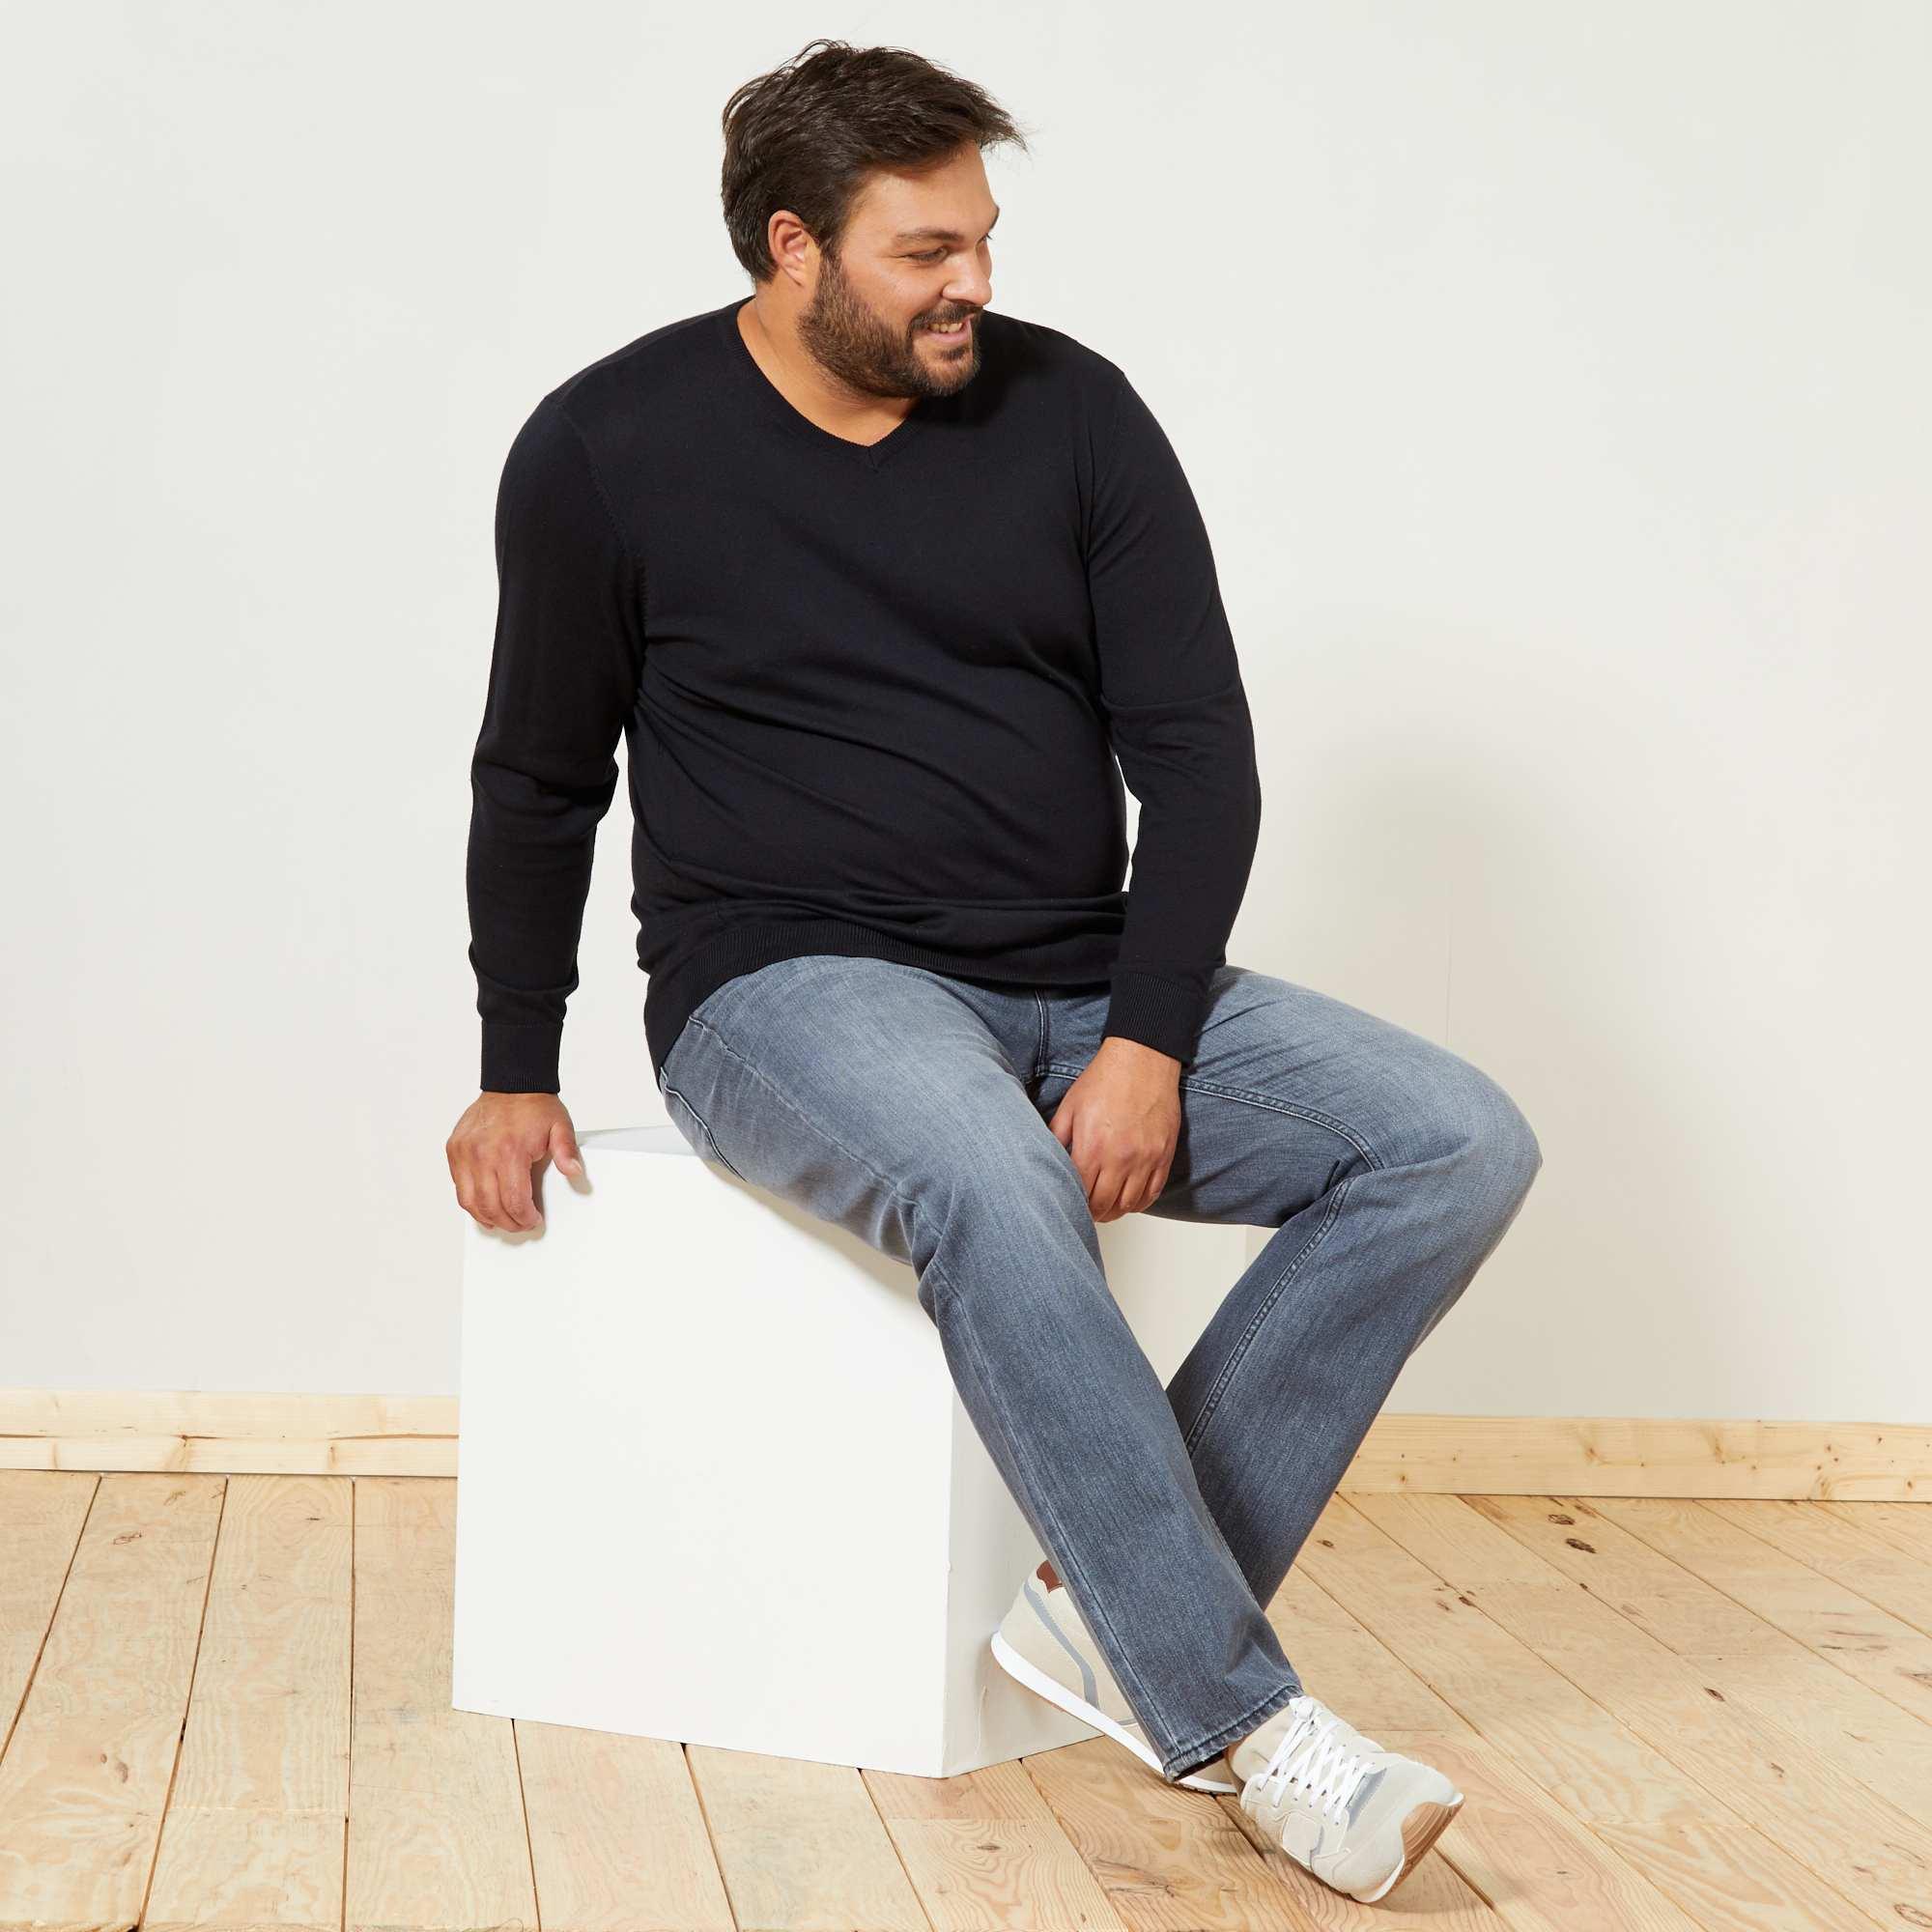 grande taille homme. Black Bedroom Furniture Sets. Home Design Ideas